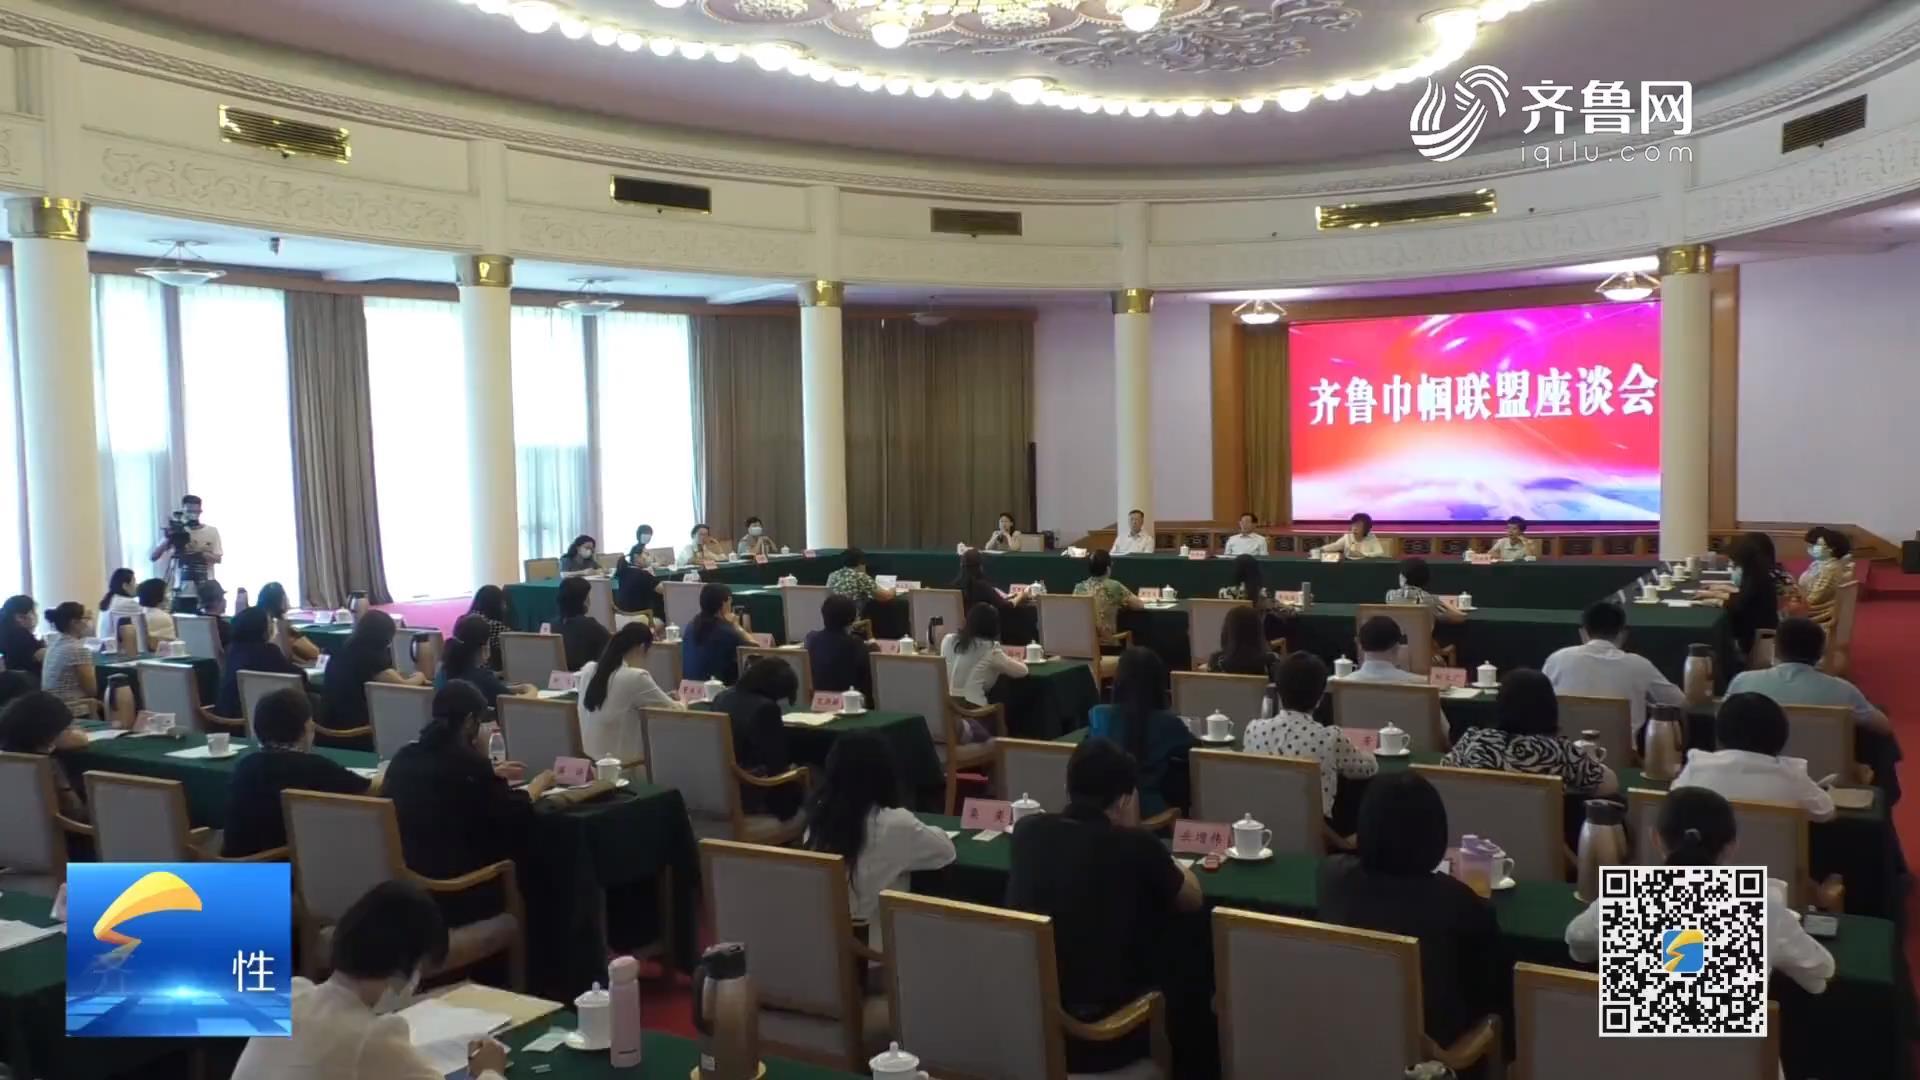 齊魯巾幗聯盟座談會在濟南舉行